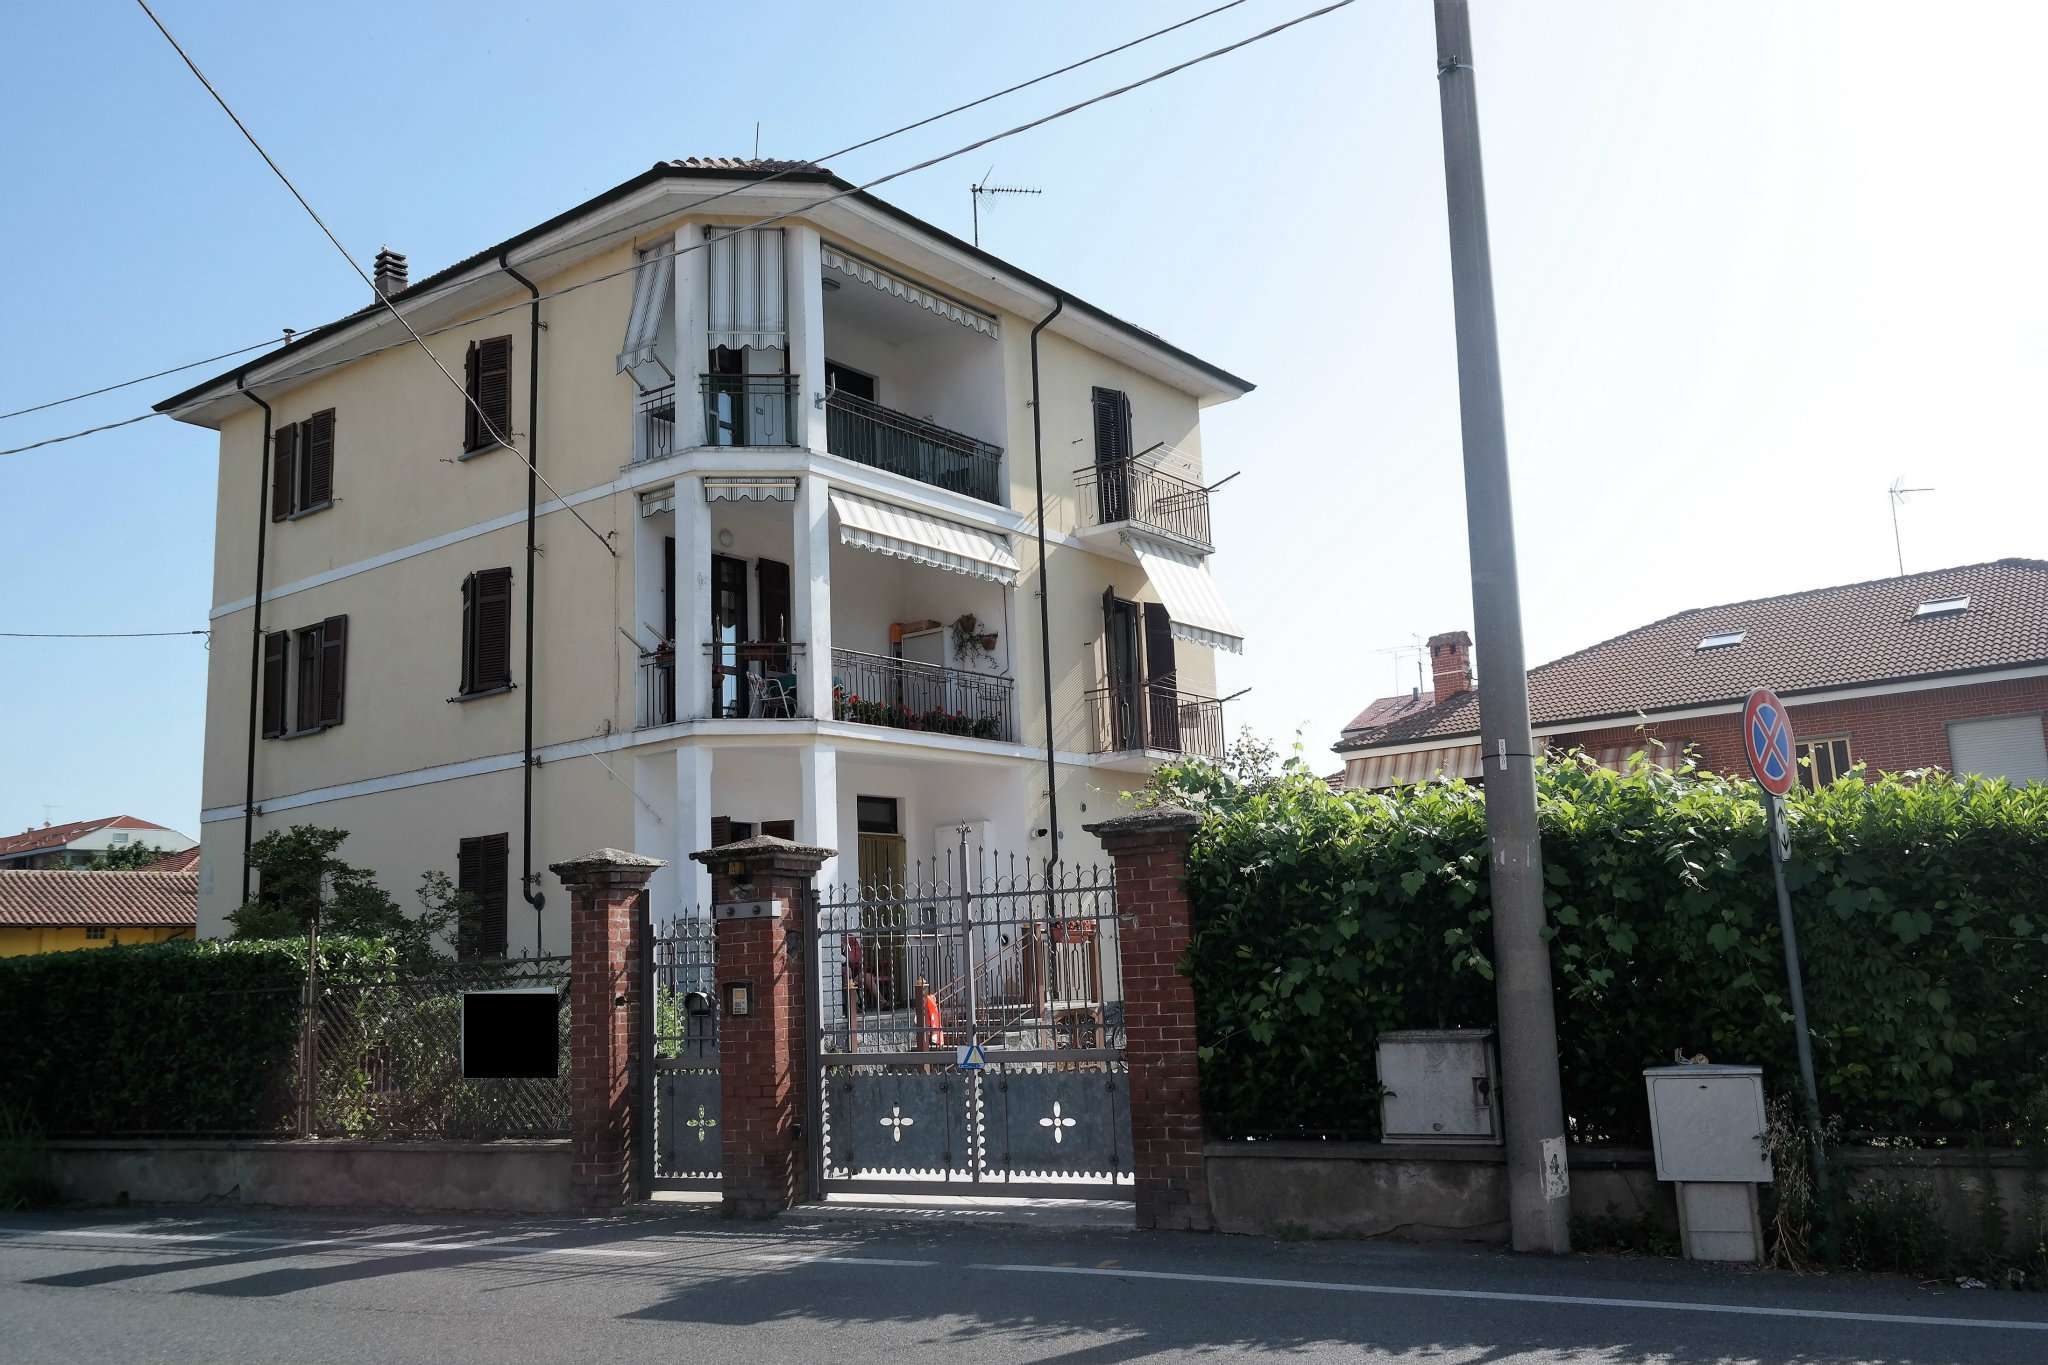 Appartamento in vendita a Alpignano, 3 locali, prezzo € 132.000 | CambioCasa.it